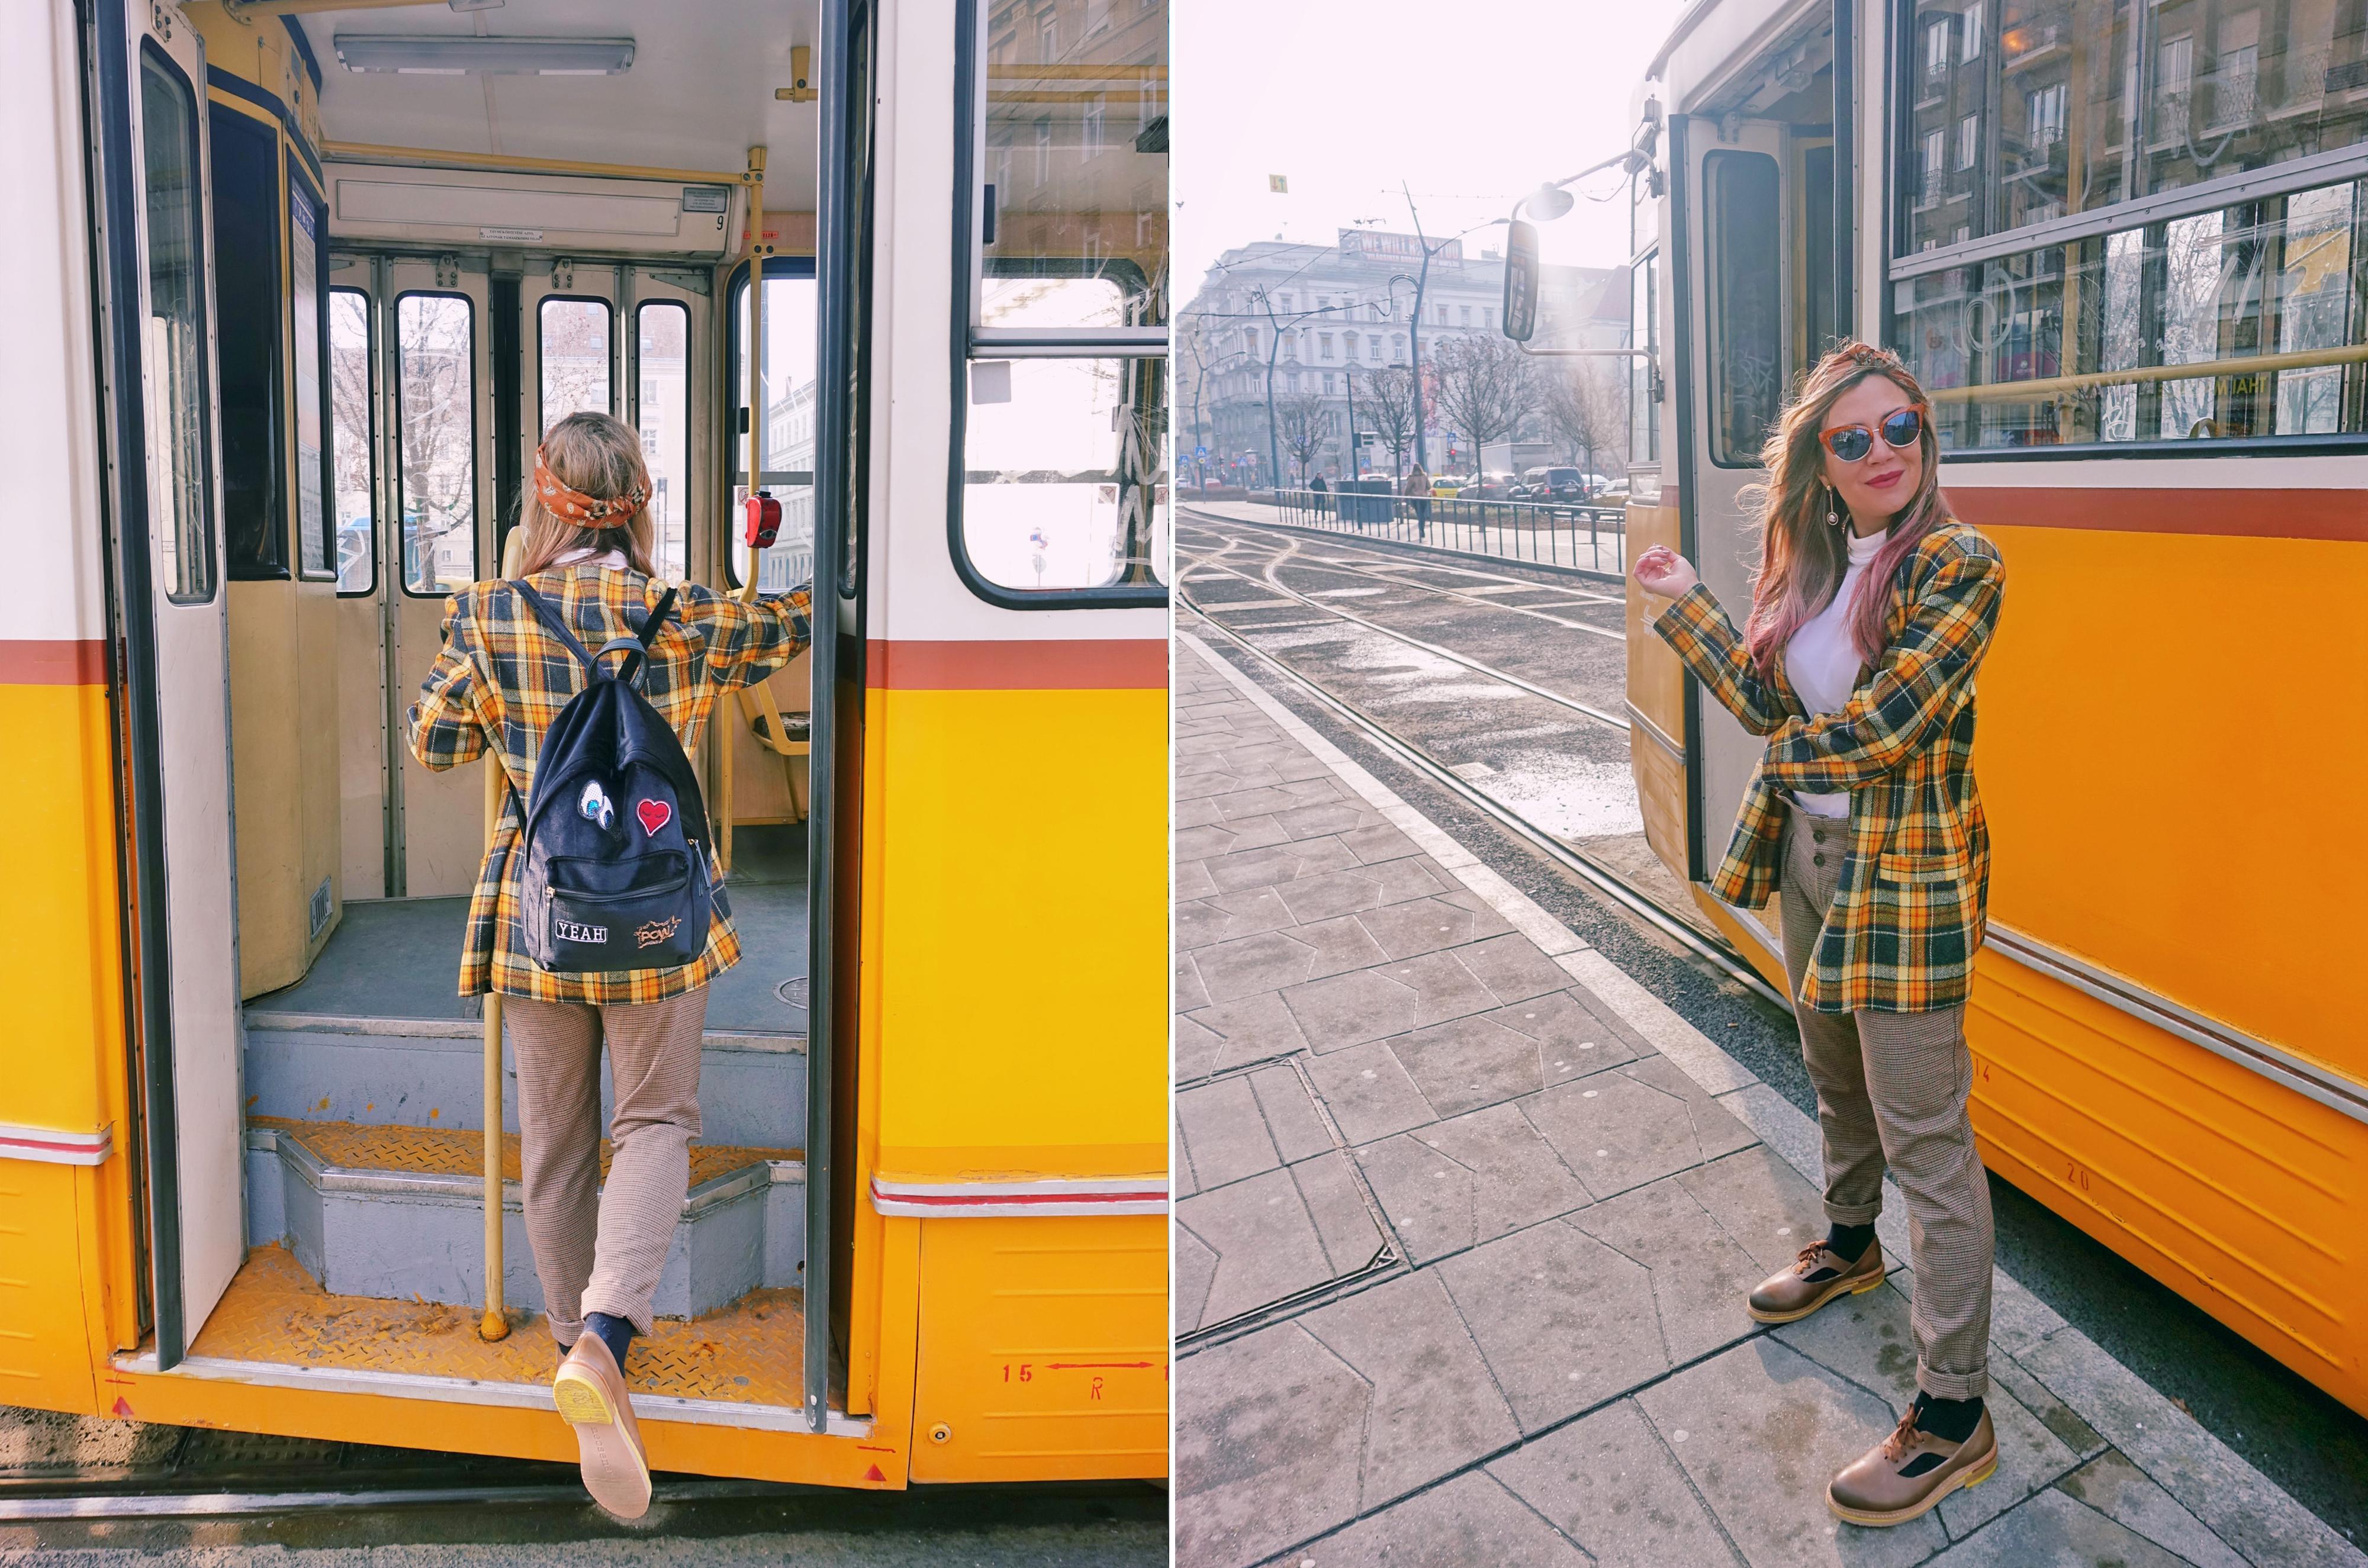 ChicAdicta-fashion-travel-budapest-Chic-Adicta-vintage-look-zapatos-neosens-estampado-de-cuadros-PiensaenChic-Piensa-en-Chic